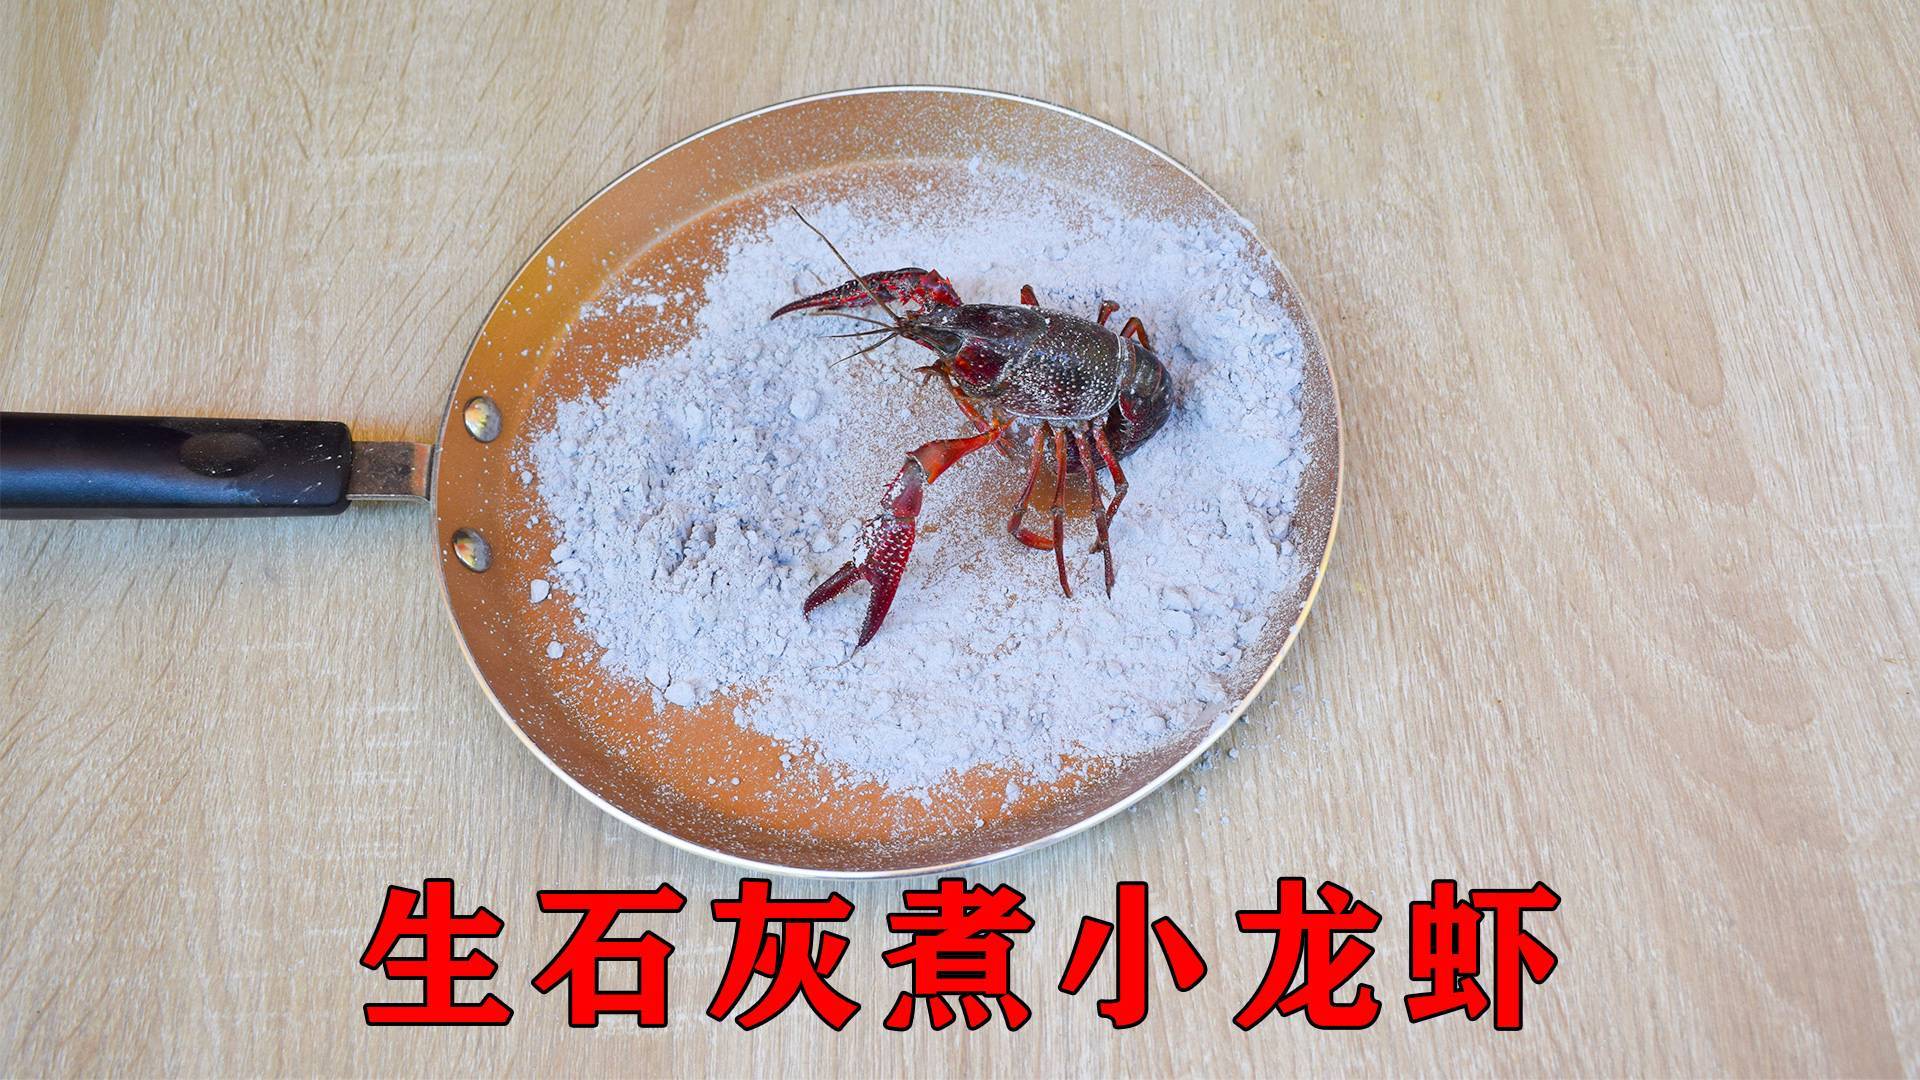 实验:把小龙虾放进生石灰中,加入清水,会把小龙虾煮熟吗?